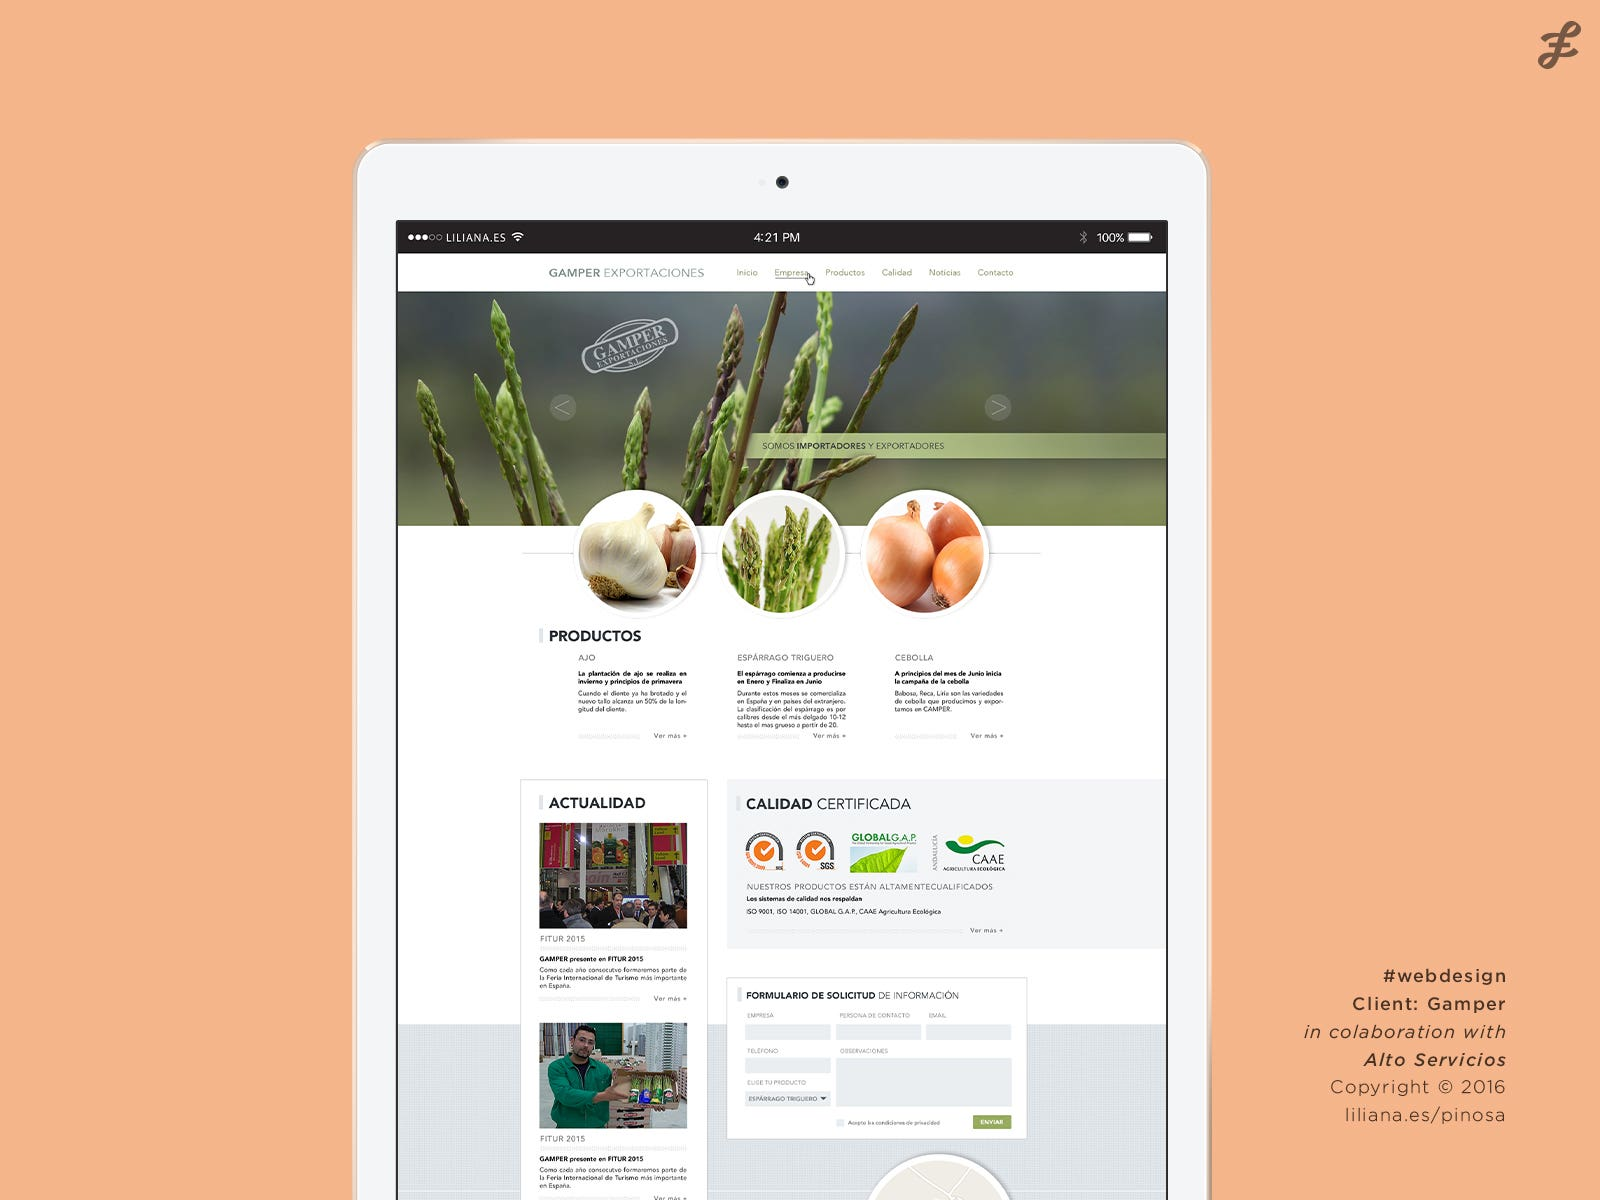 Gamper / Web design